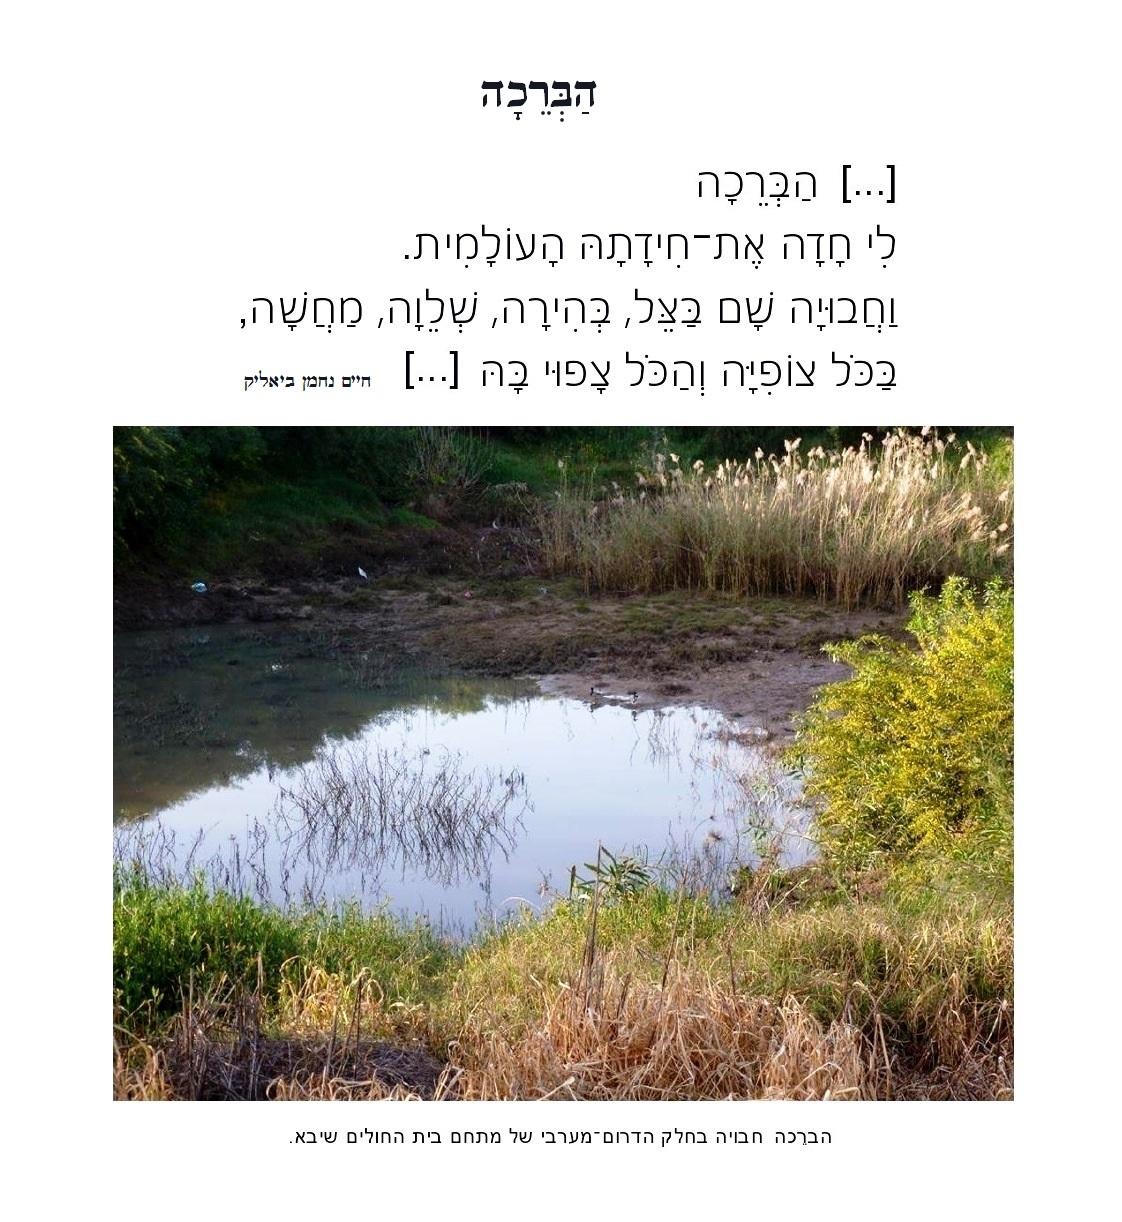 הַבְּרֵכָה-page0001